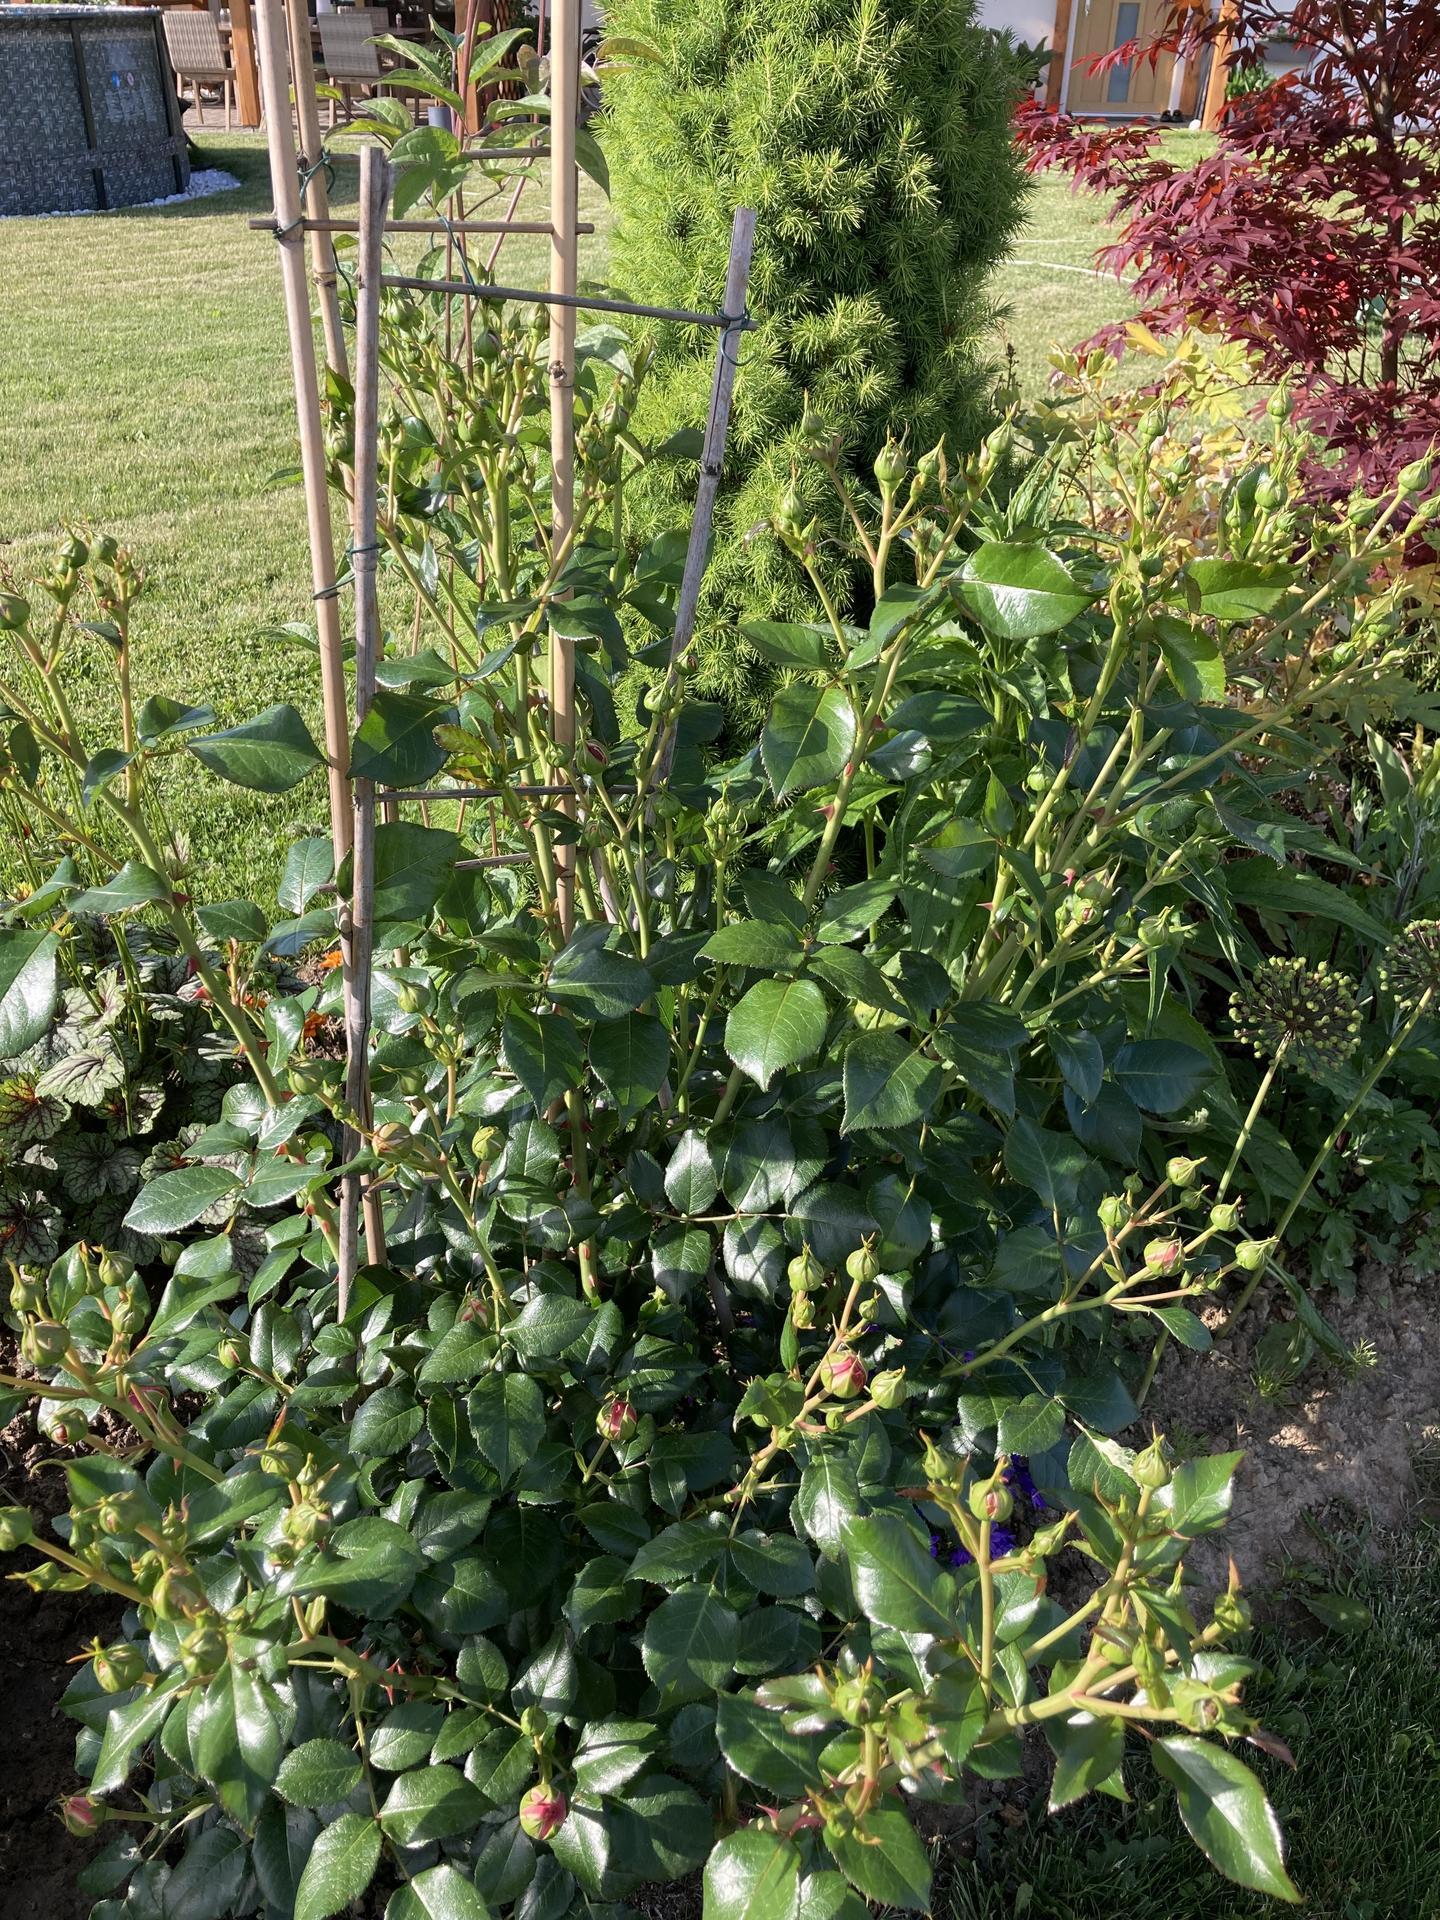 Šestý rok zahradničím - loni měla skoro dva metry, na jaře totálně vymrzla, a nestačím zírat, jak rychle dohání loňskou výšku a těch poupat co má